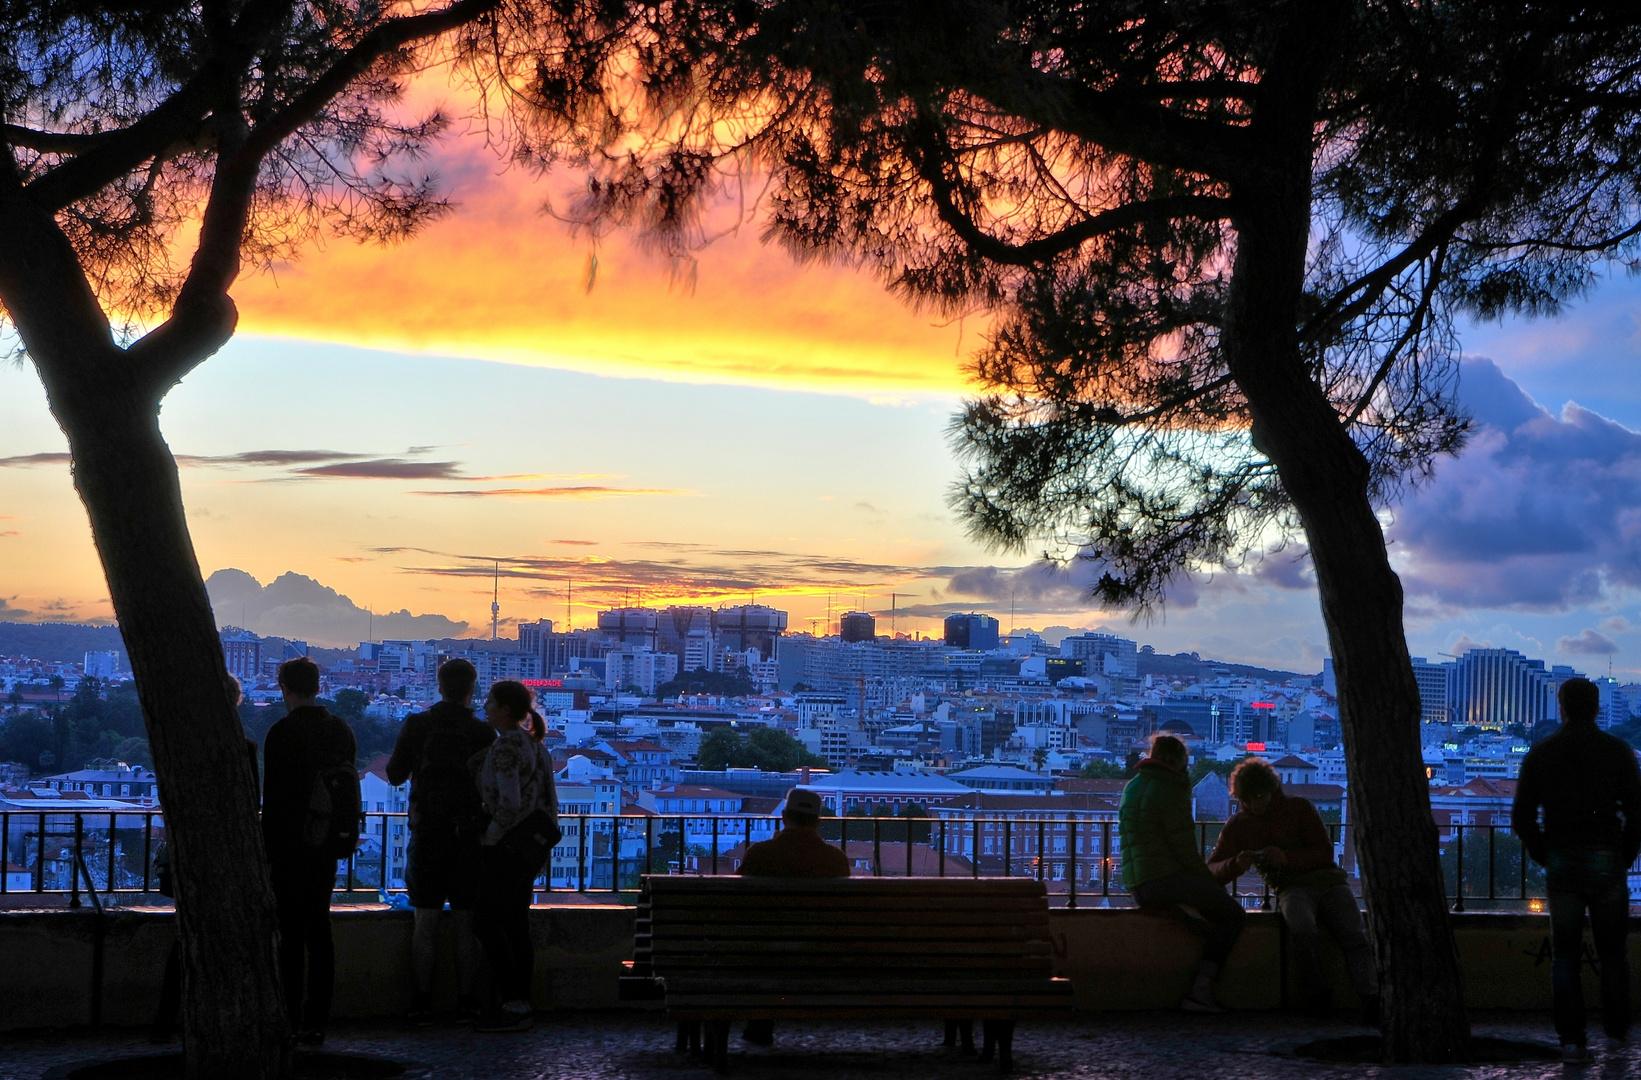 Sonneruntergang über Lissabon